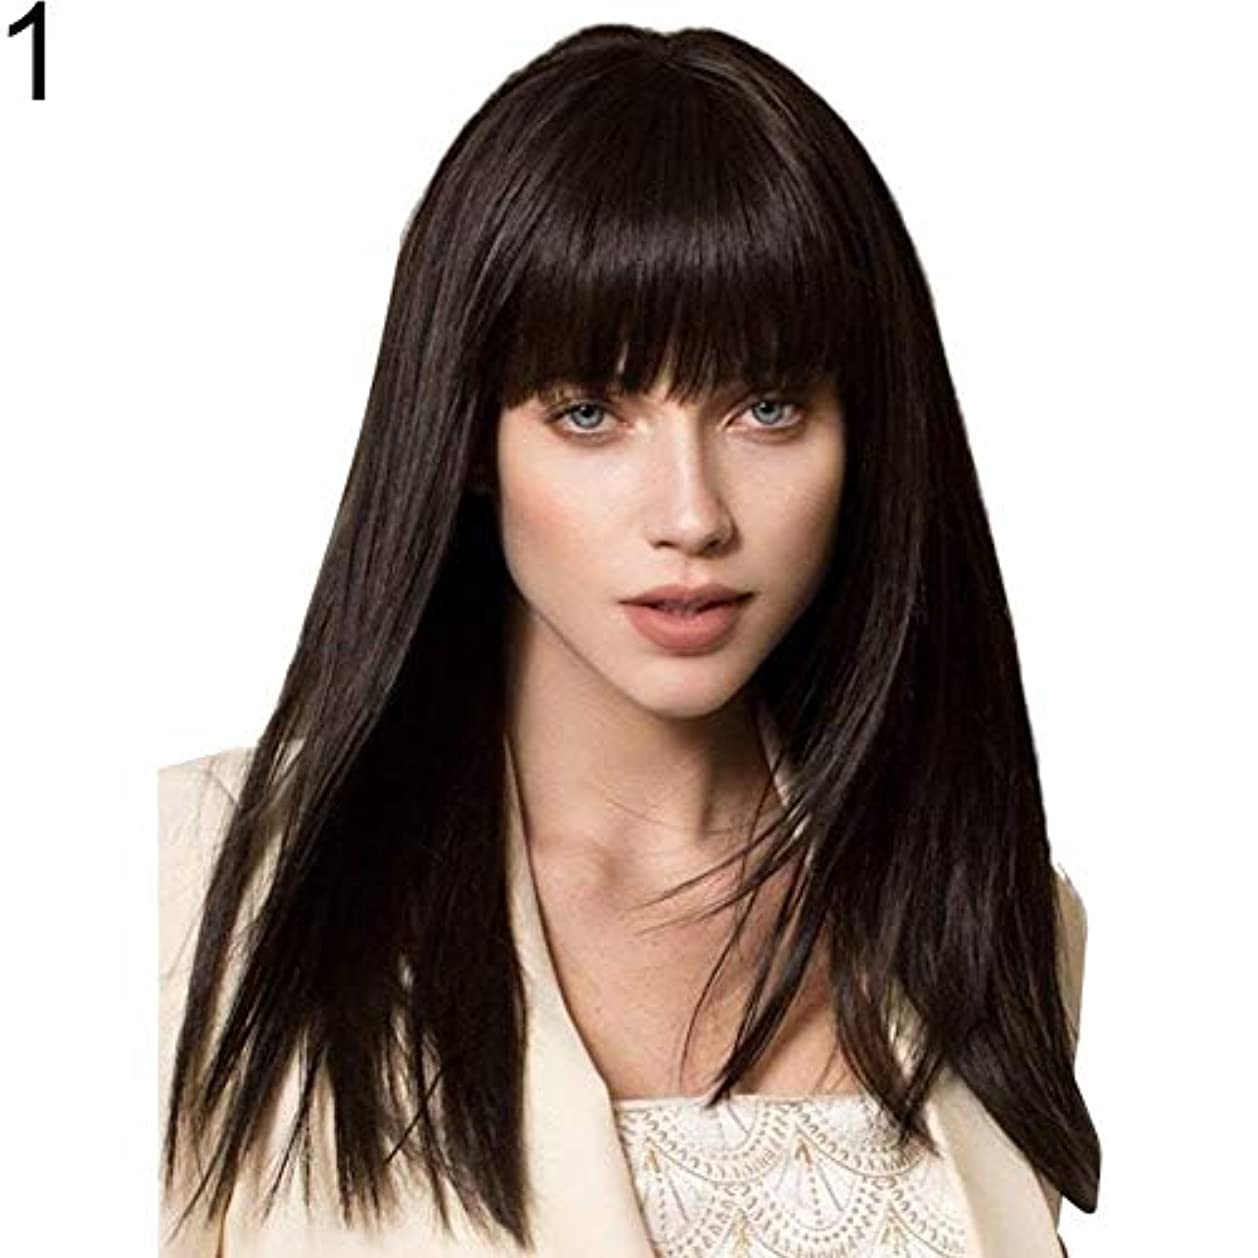 開発するバングラデシュドメインslQinjiansav女性ウィッグ修理ツール高温繊維女性長いストレートブラックブラウンバングウィッグ合成髪